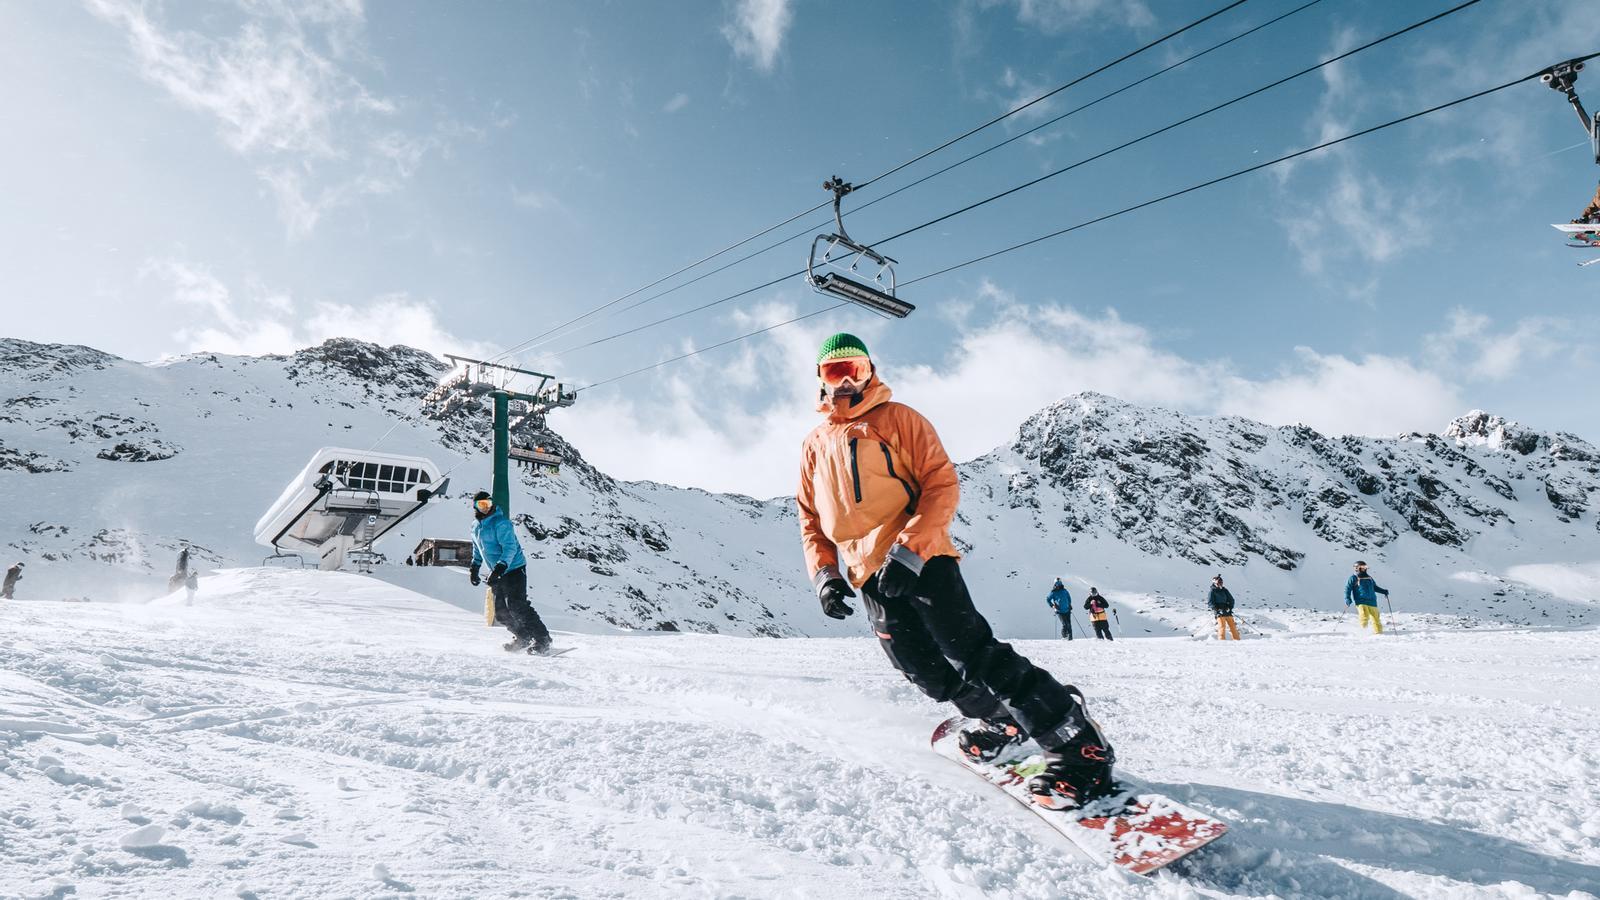 Esquiadors i surfers han gaudit del primer cap de setmana de la temporada d'esquí. / ORDINO ARCALÍ - GRANDVALIRA RESORTS